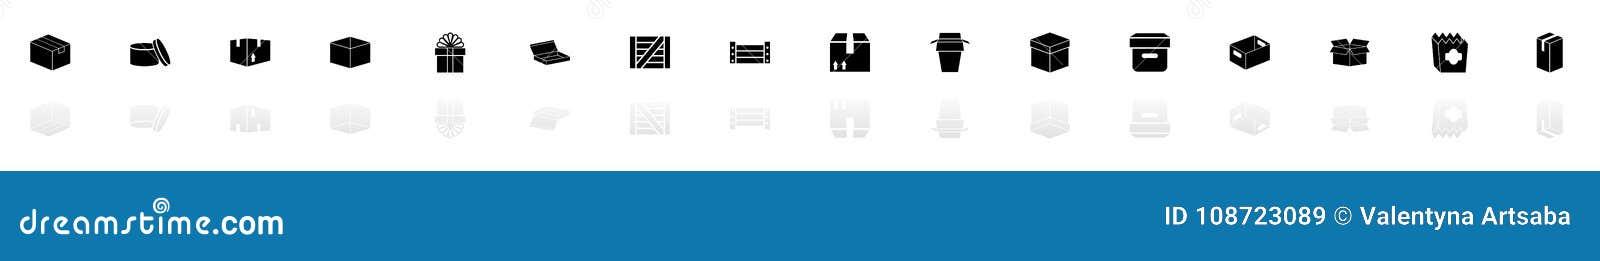 Scatola e casse - icone piane di vettore